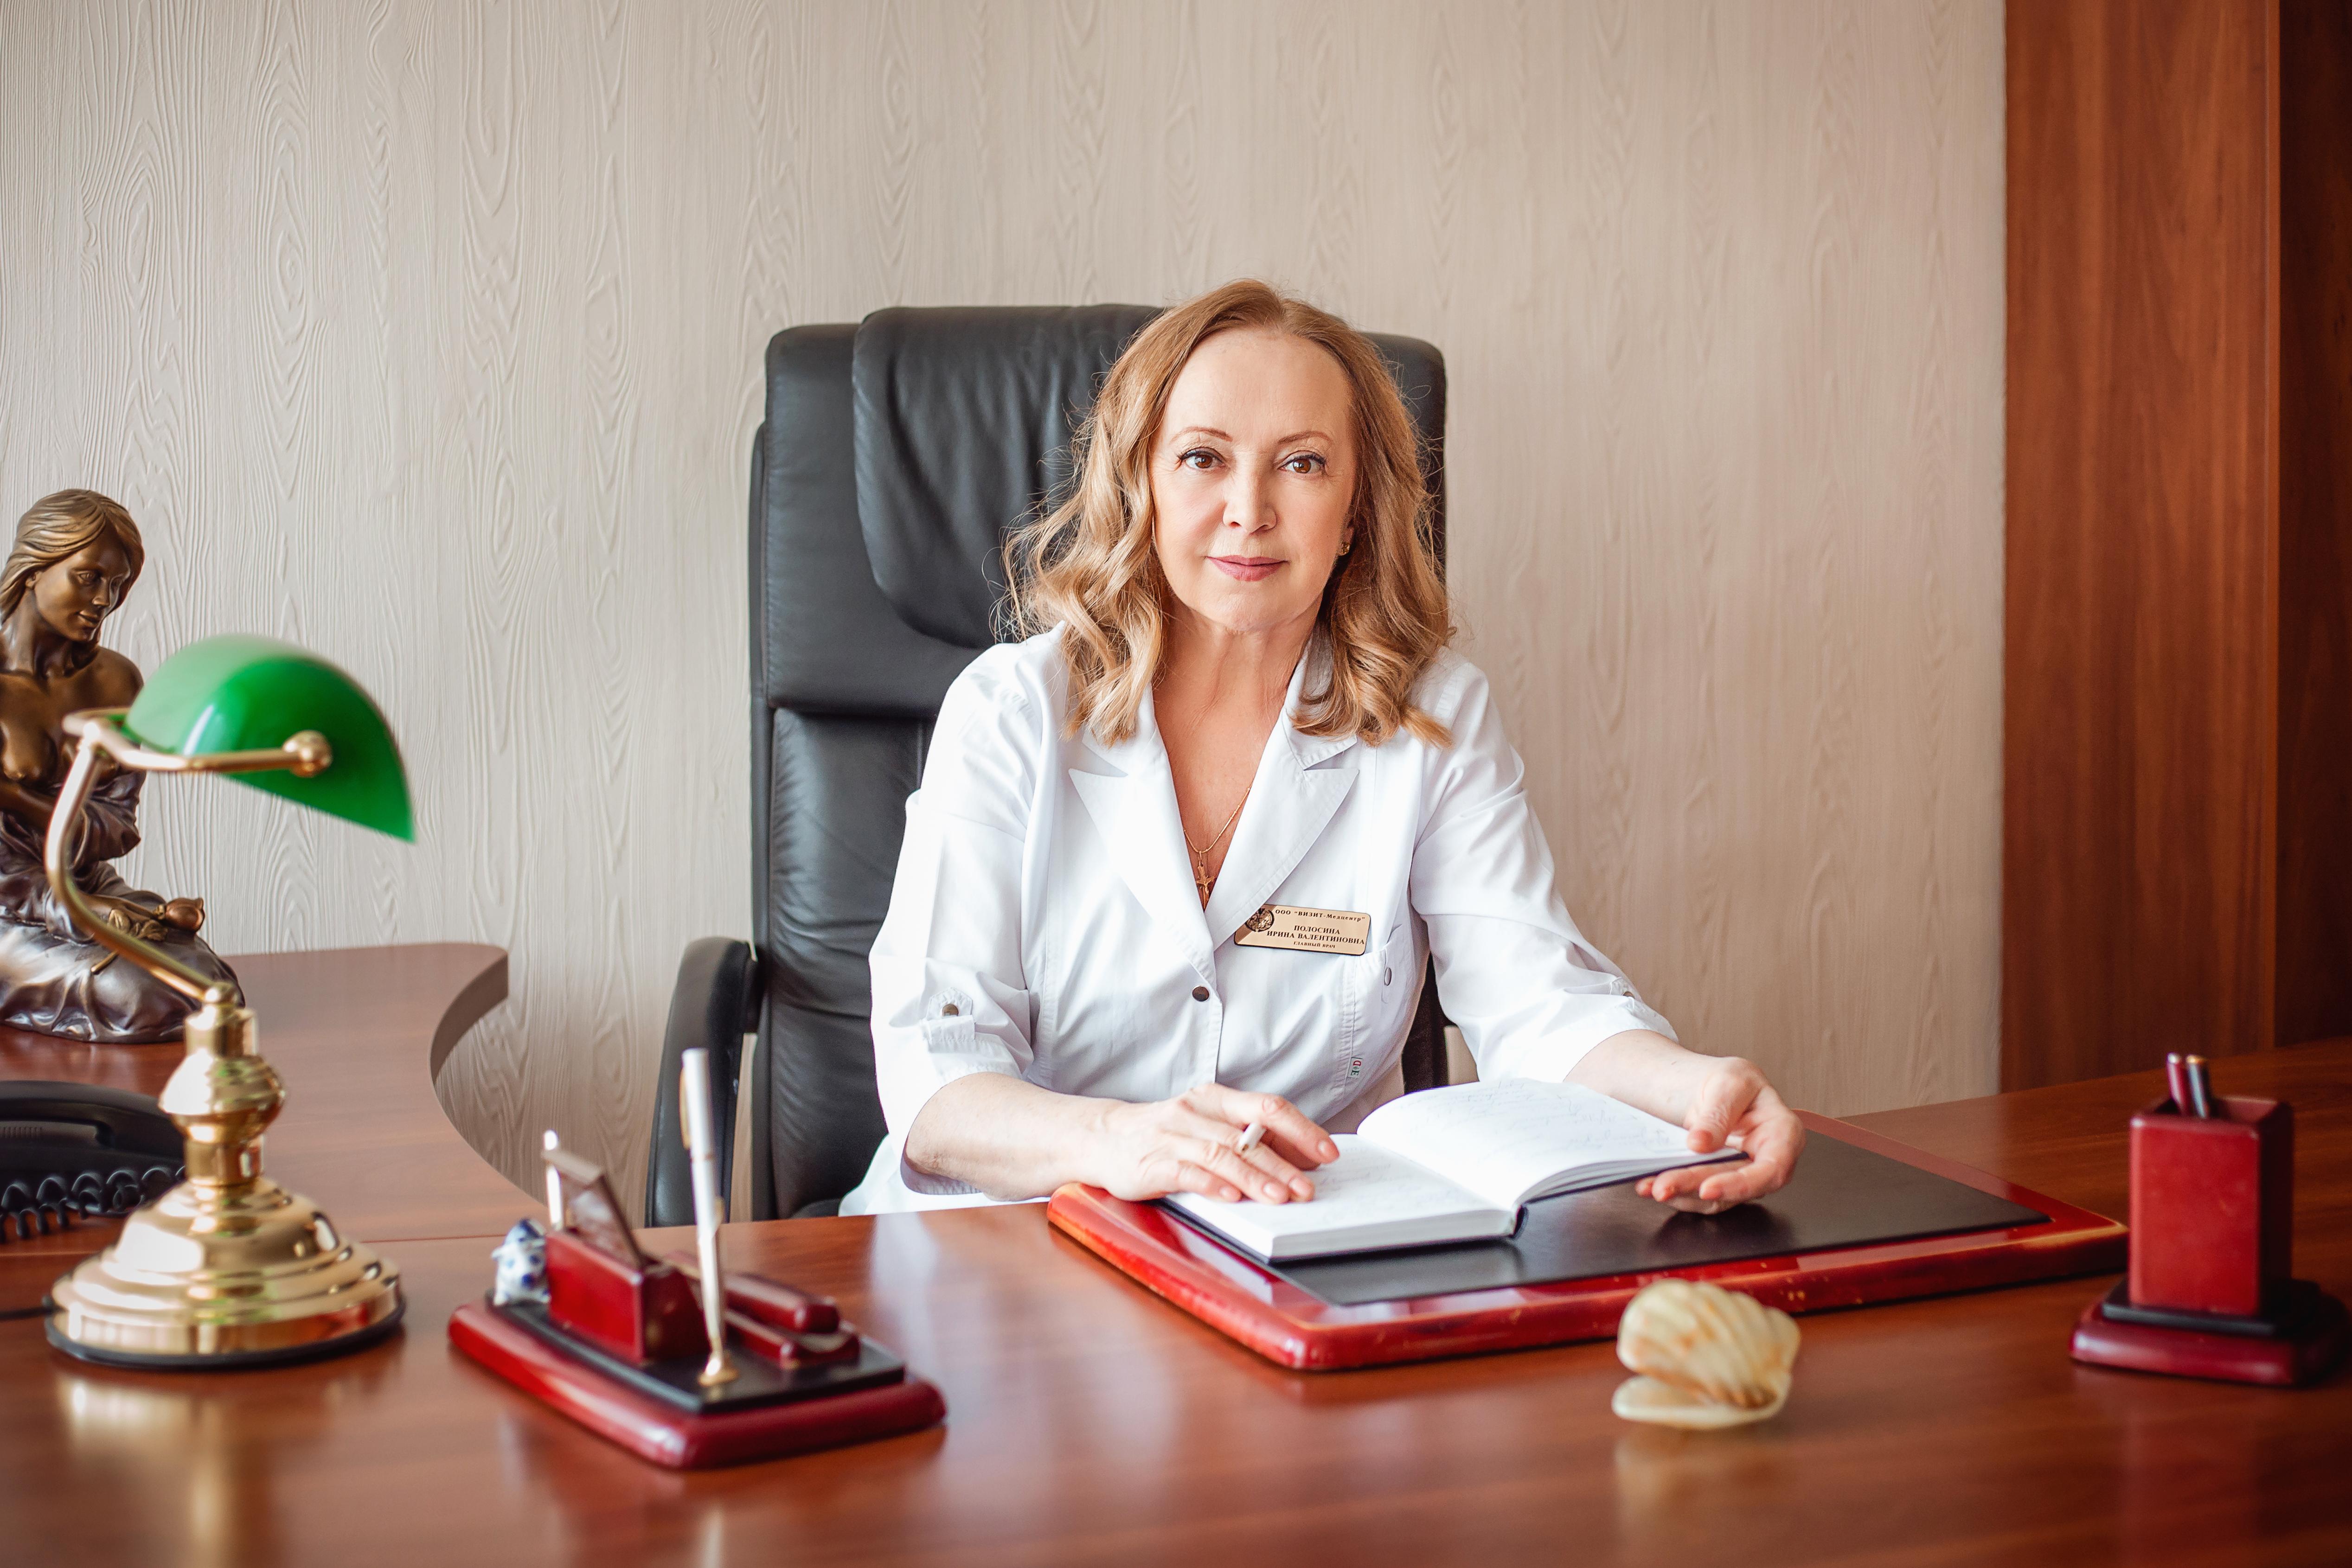 Полосина Ирина Валентиновна : Главный врач, Врач акушер-гинеколог высшей категории, Заслуженный врач РФ